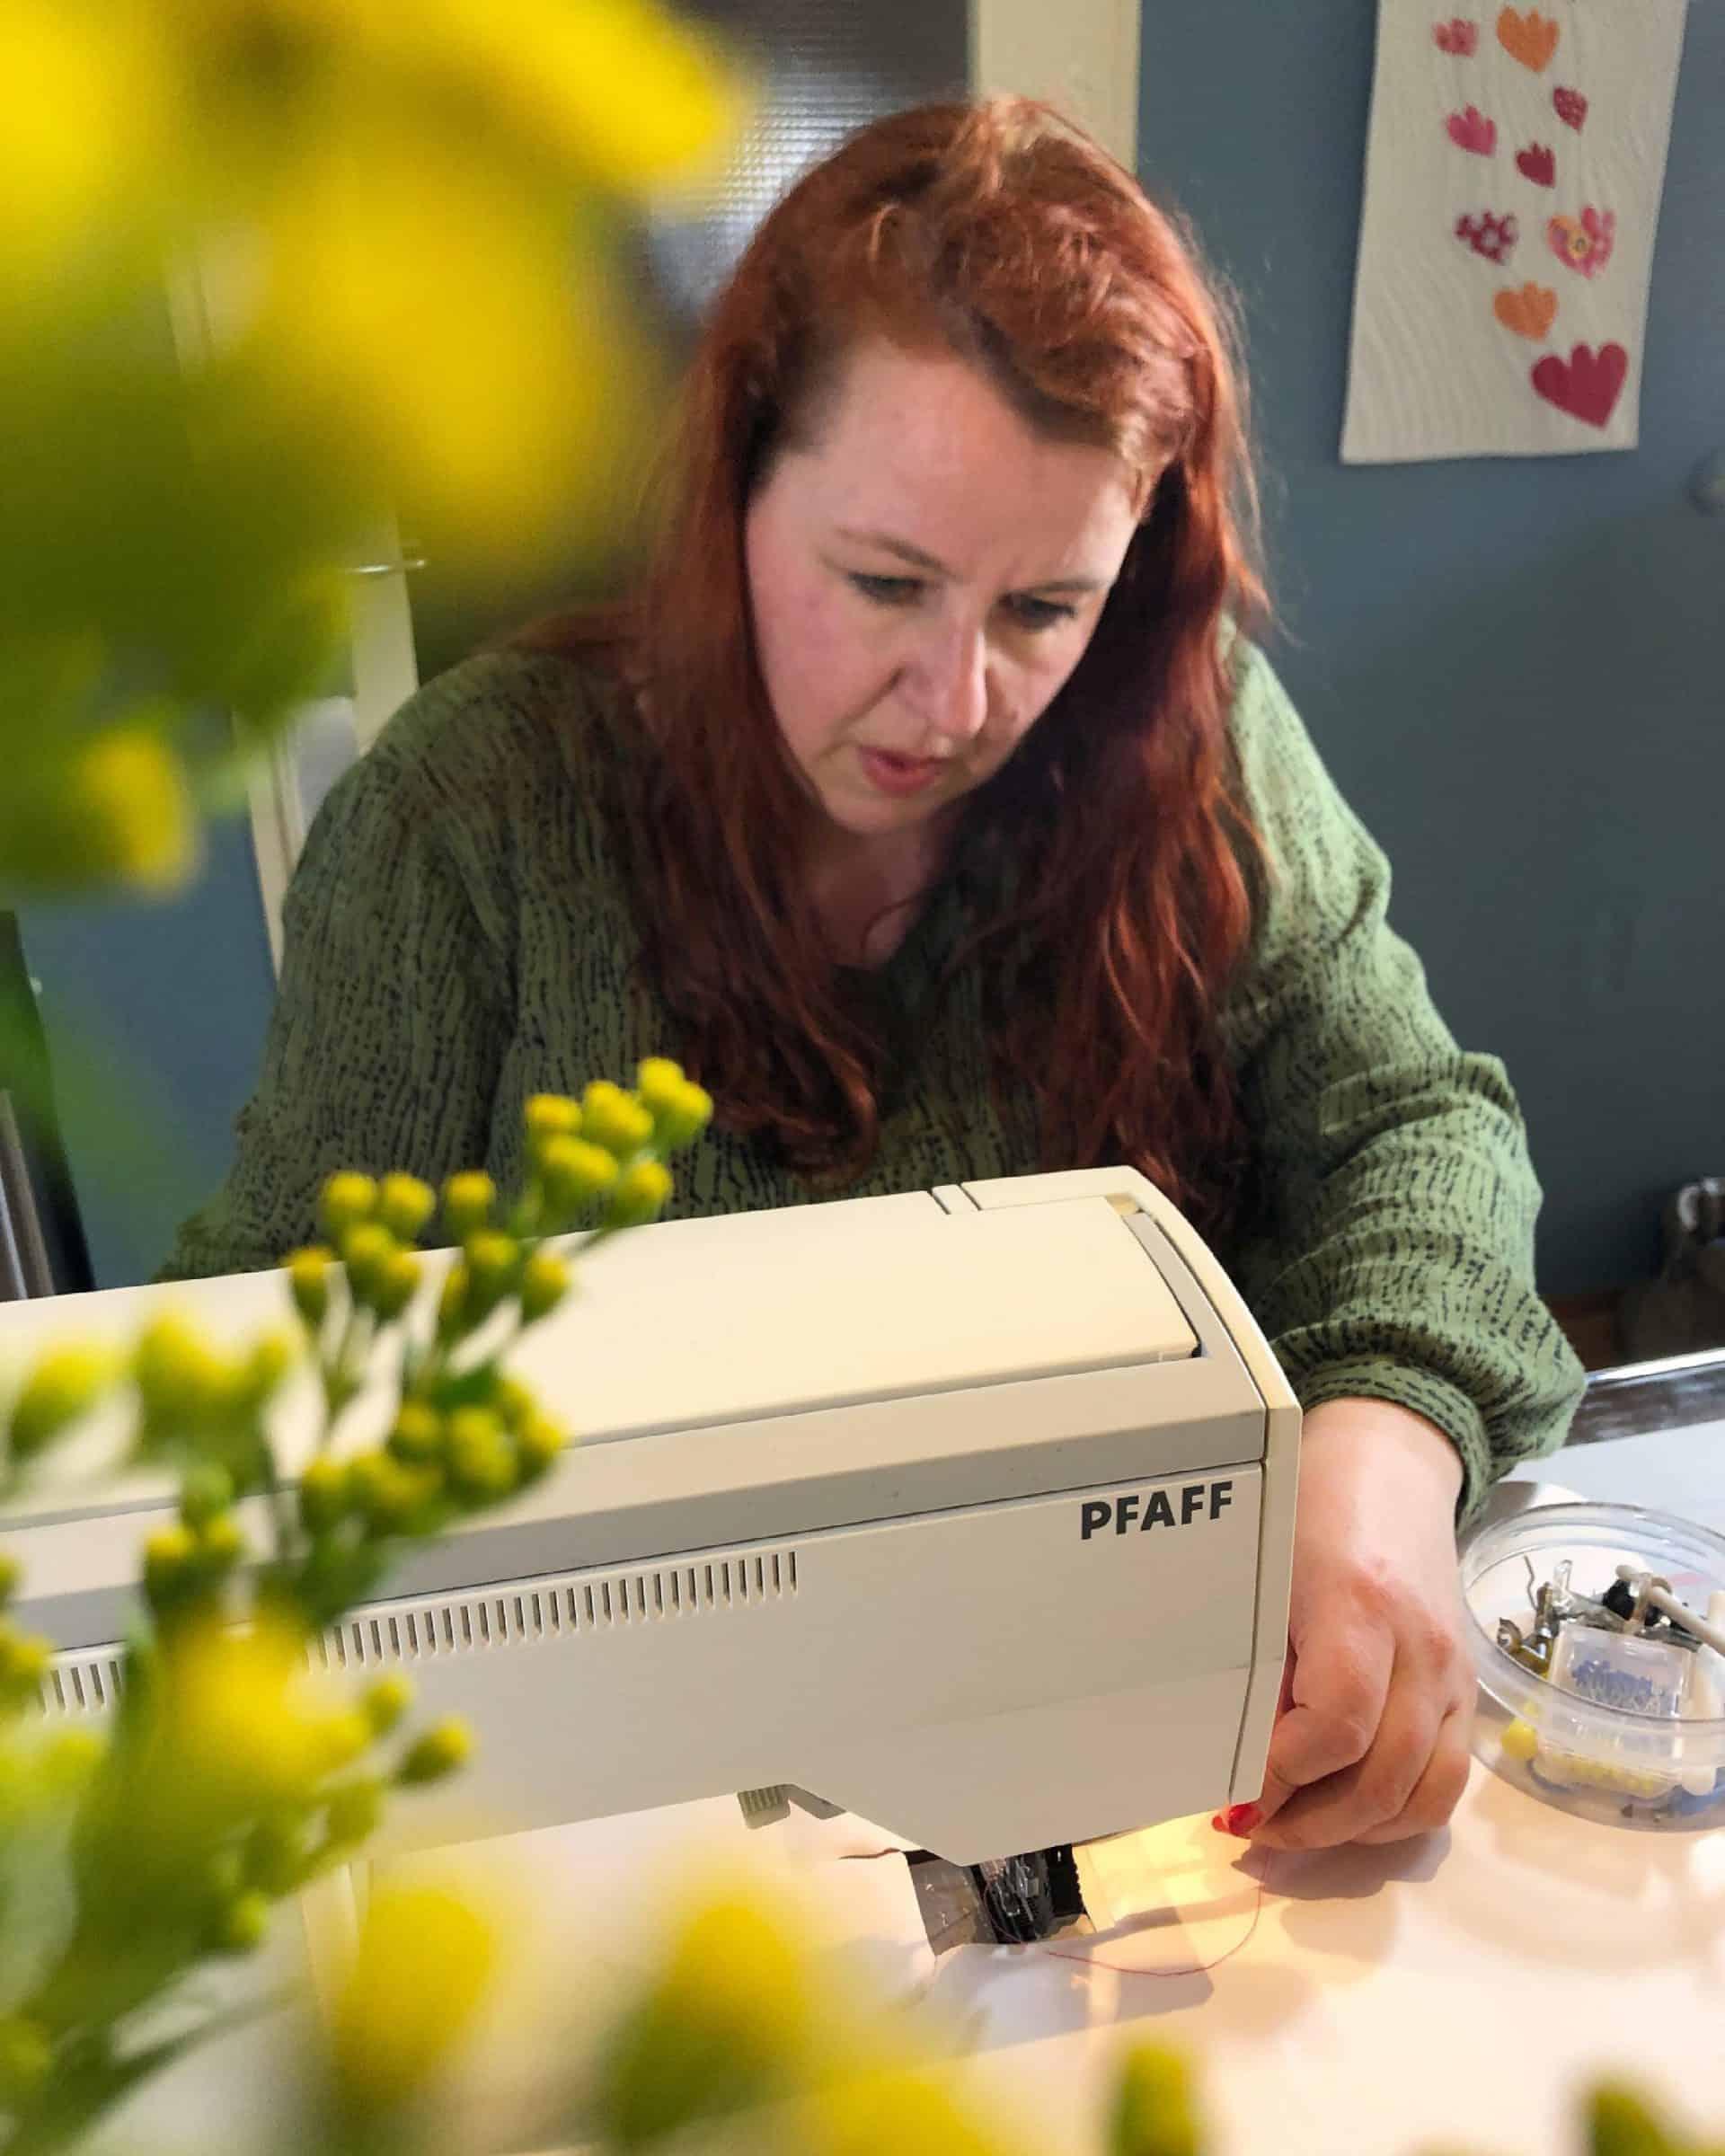 Marlies achter naaimachine - Marlies Mansveld Quiltinspiratie